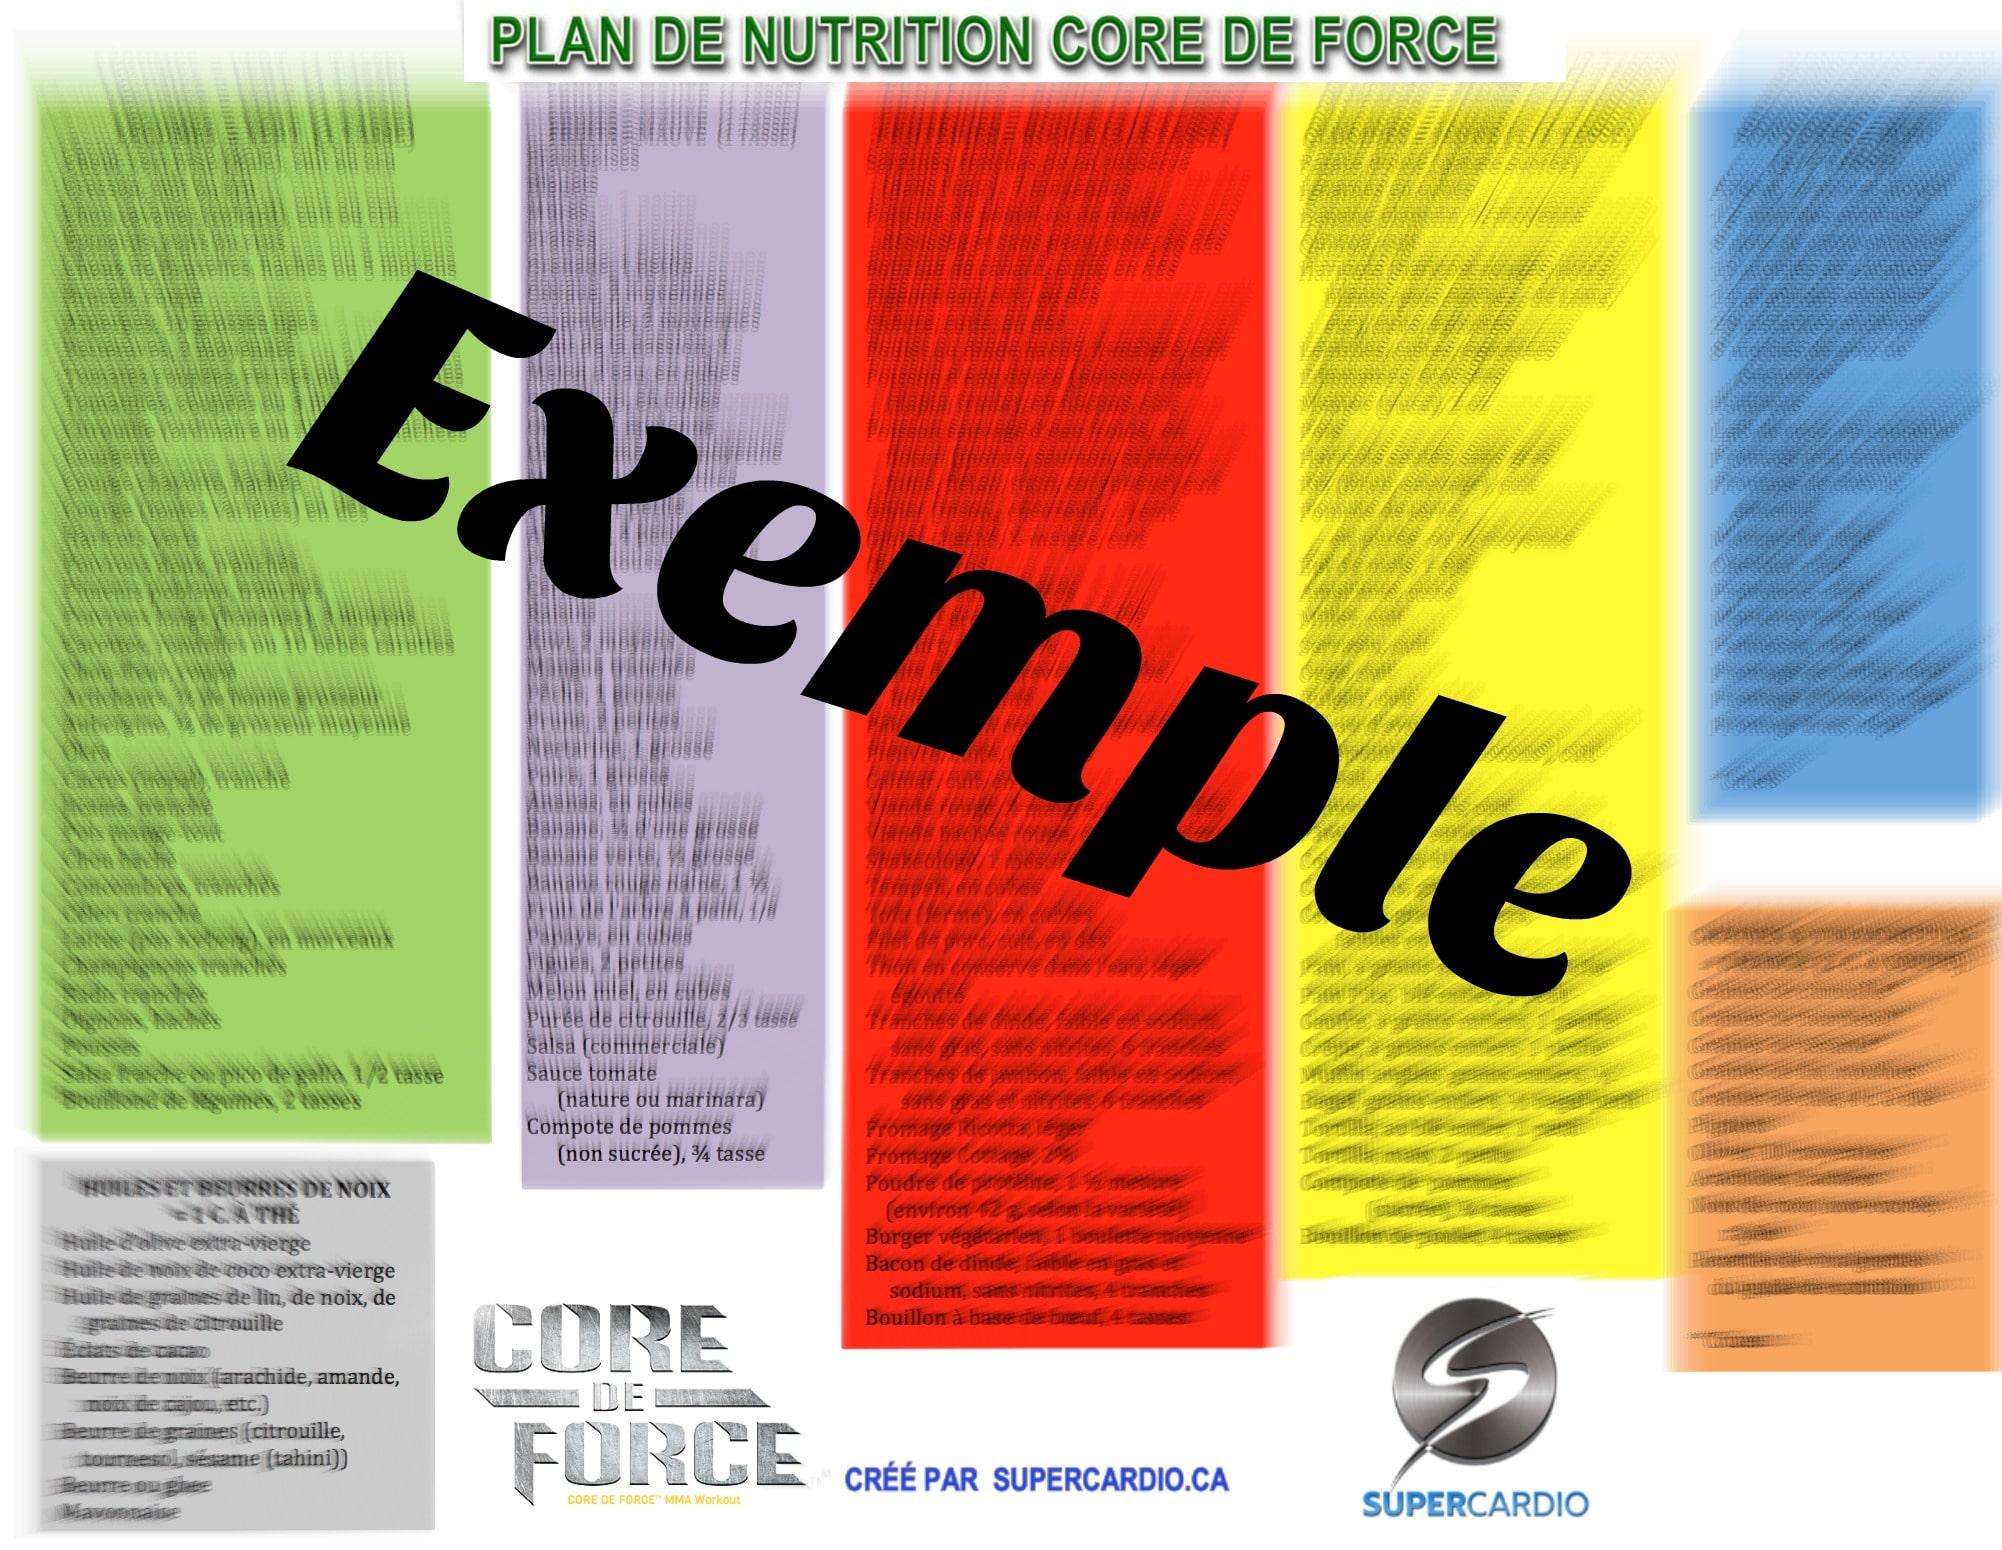 Liste des aliments Core de Force